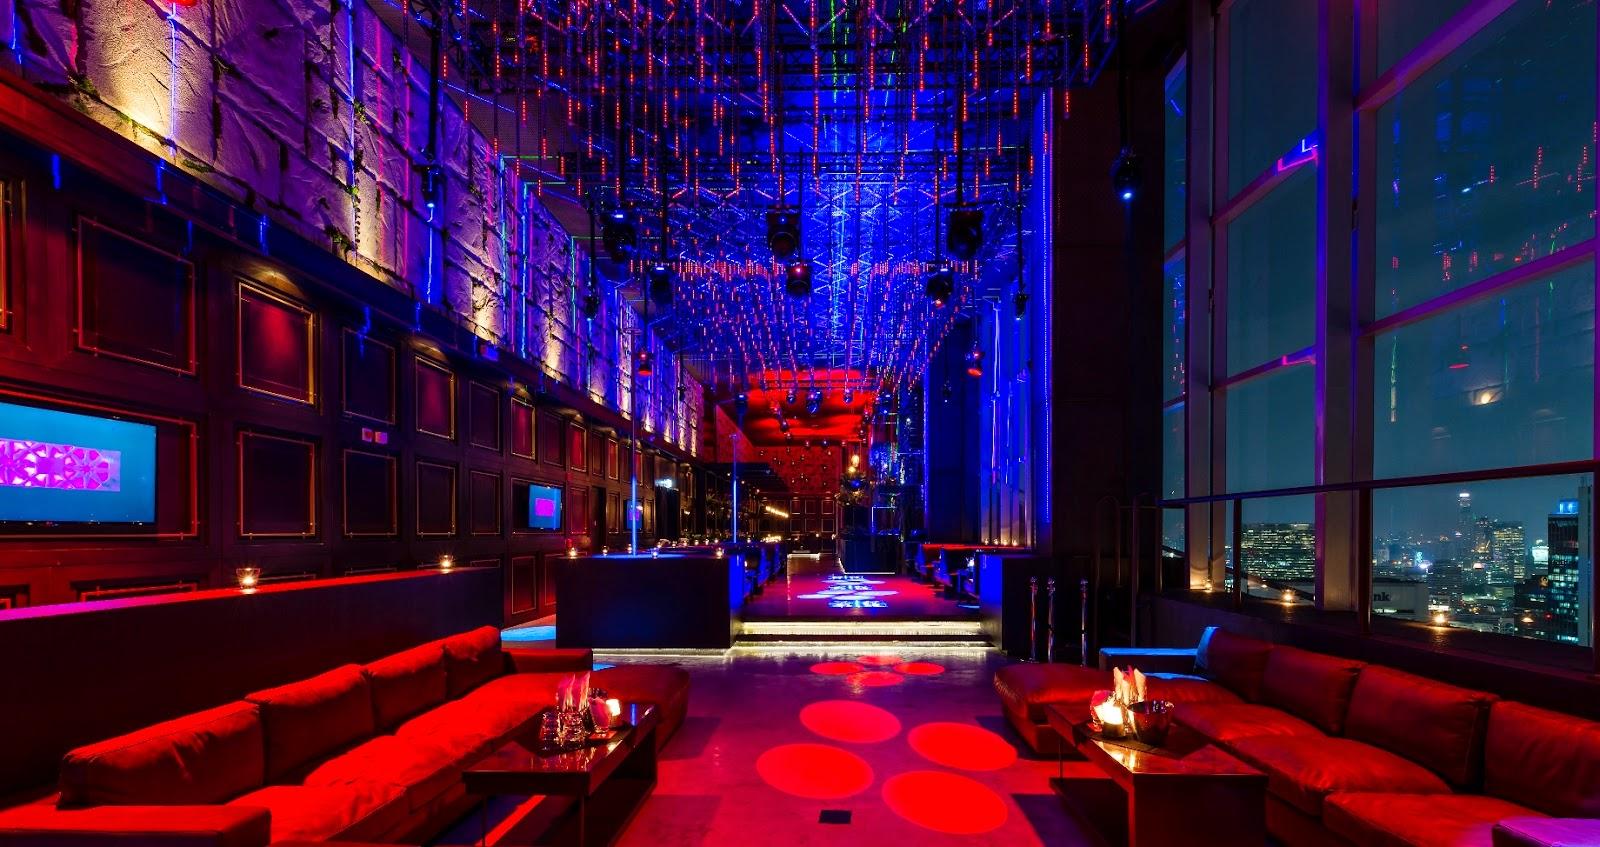 KU DE TA Bar & Lounge Bangkok